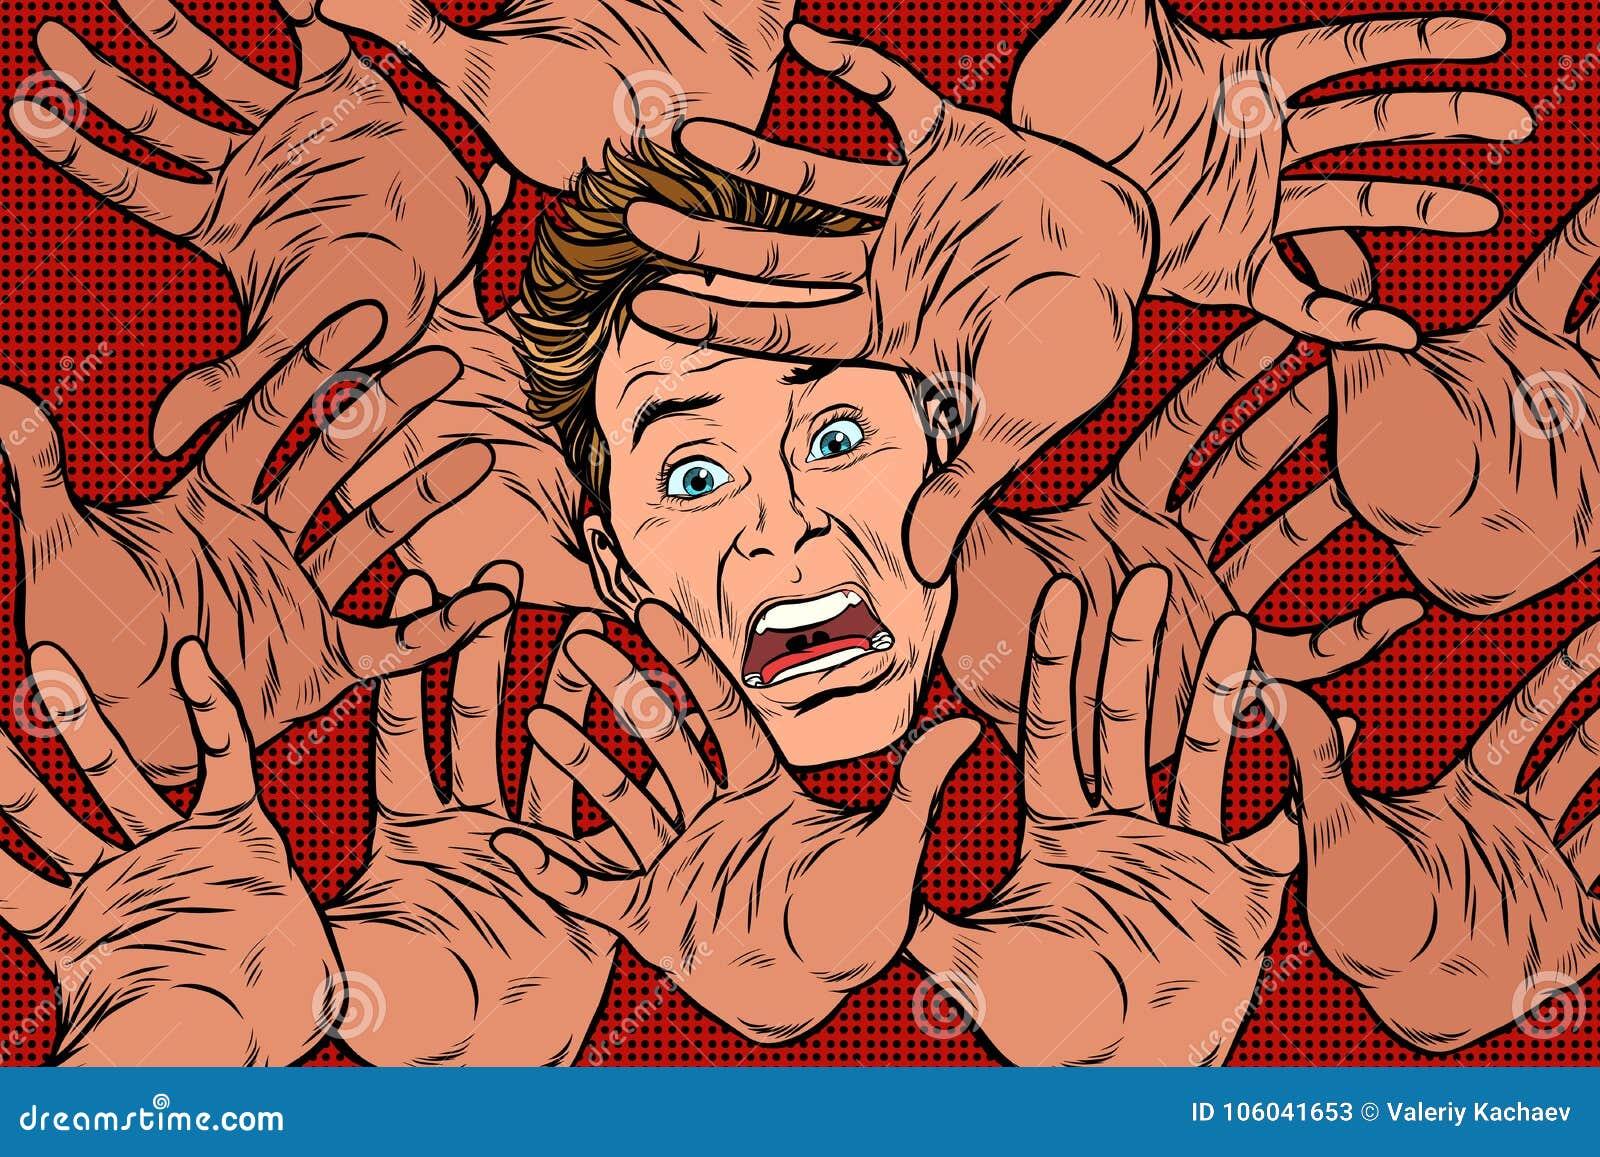 Fondo del miedo del horror, manos y cara asustada